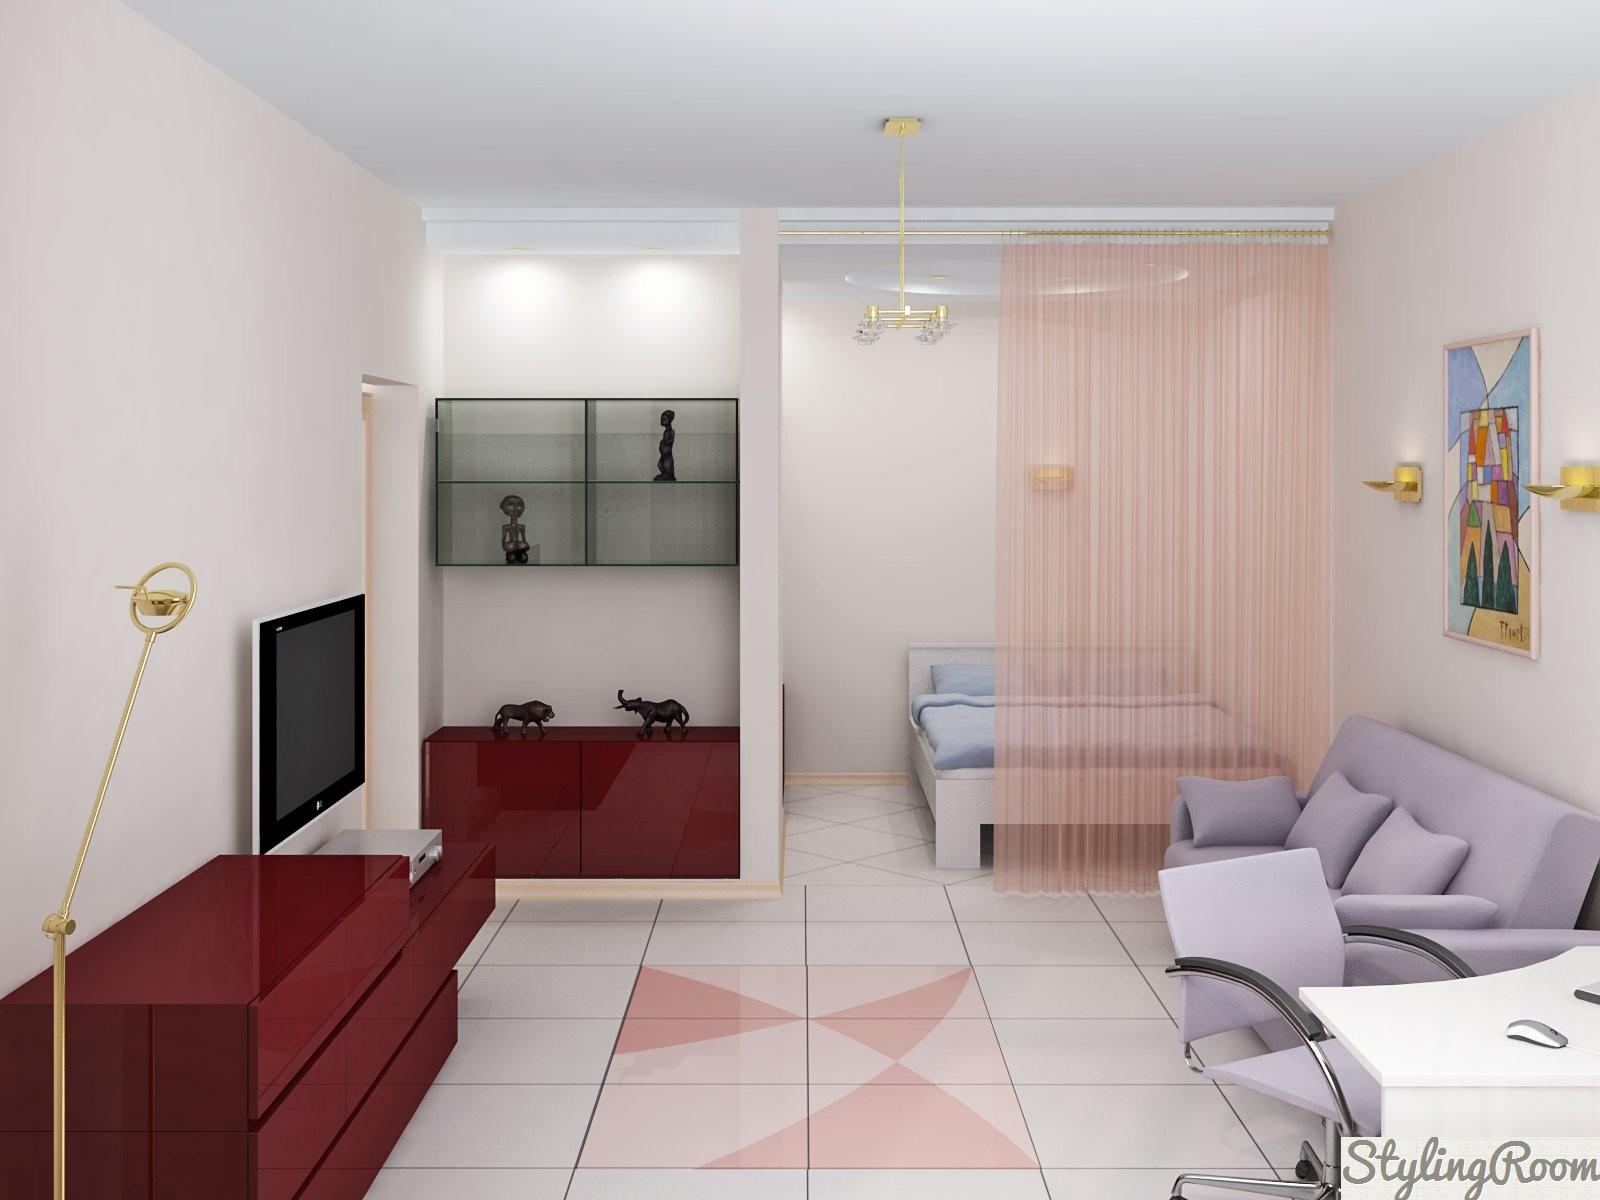 Tek odalı dairenin yeniden geliştirilmesi. Seçenekler ve uygulamaları